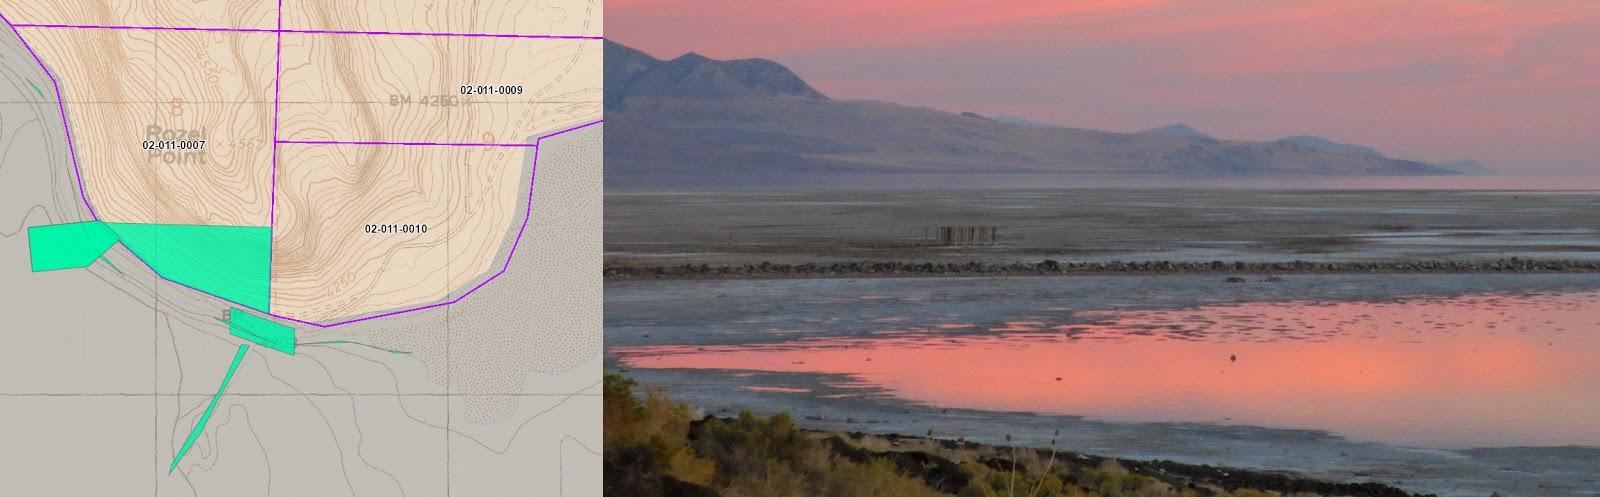 Carte topographique de Rozel Point tirée du site Web du comté de Box Elder / photo de la jetée pétrolière qui jouxte la Spiral Jetty, par Hikmet Sidney Loe